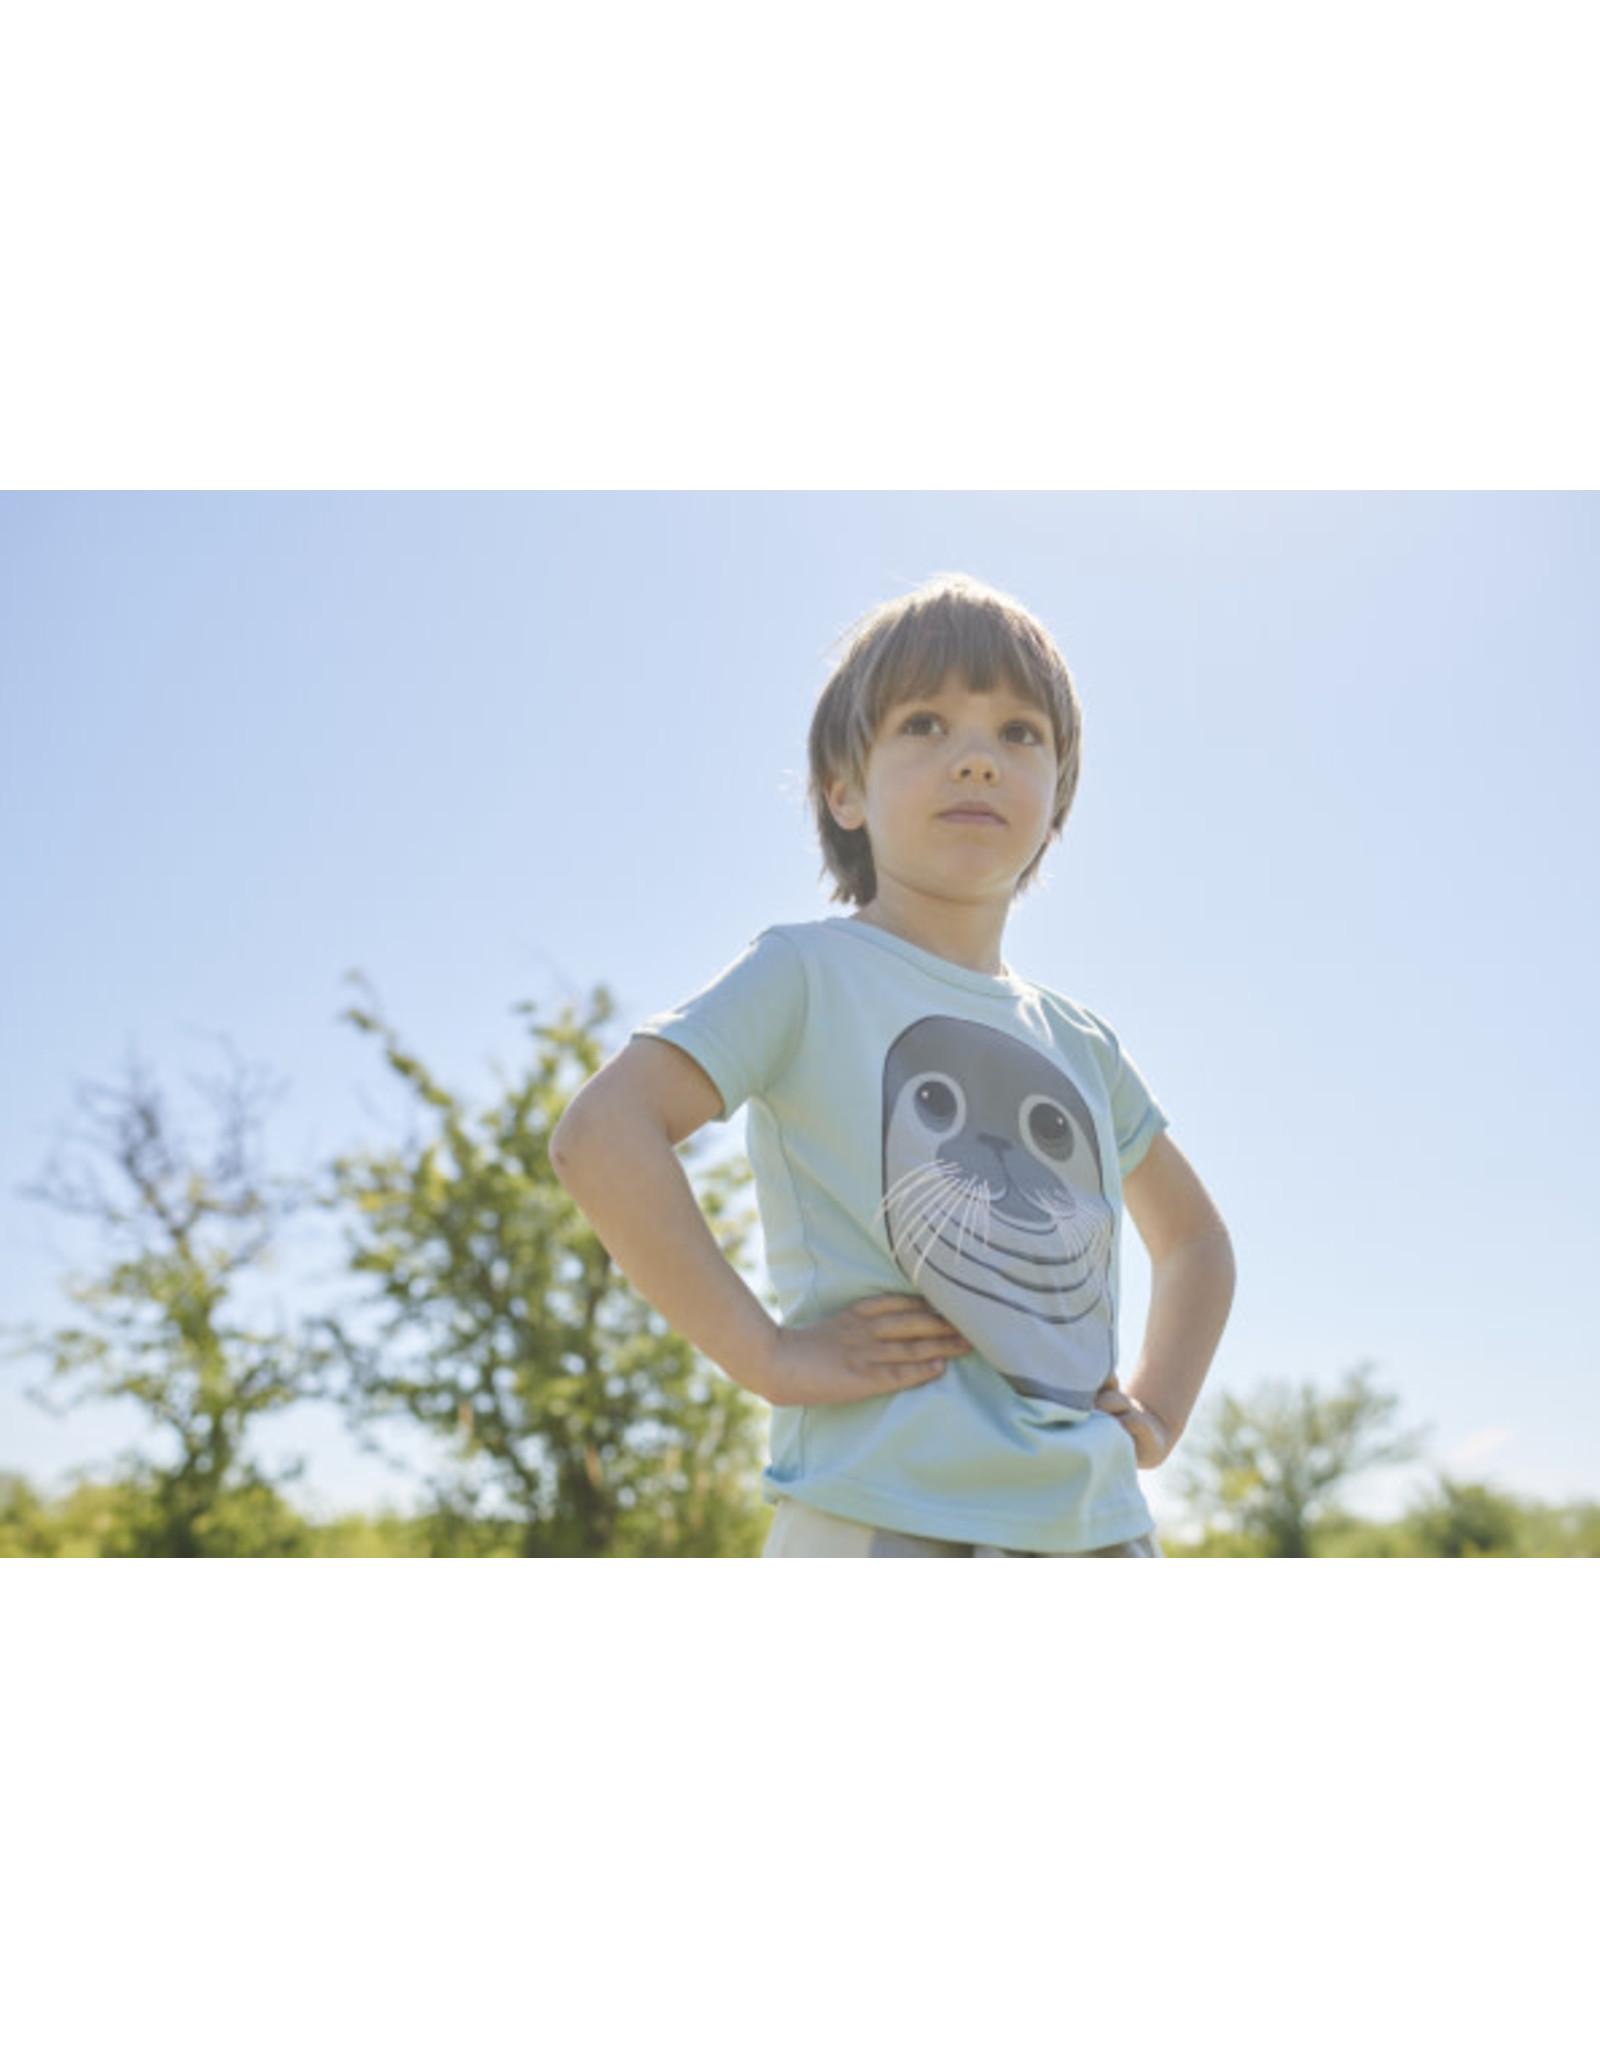 Dyr Lichtblauwe t-shirt van Dyr met zeehond